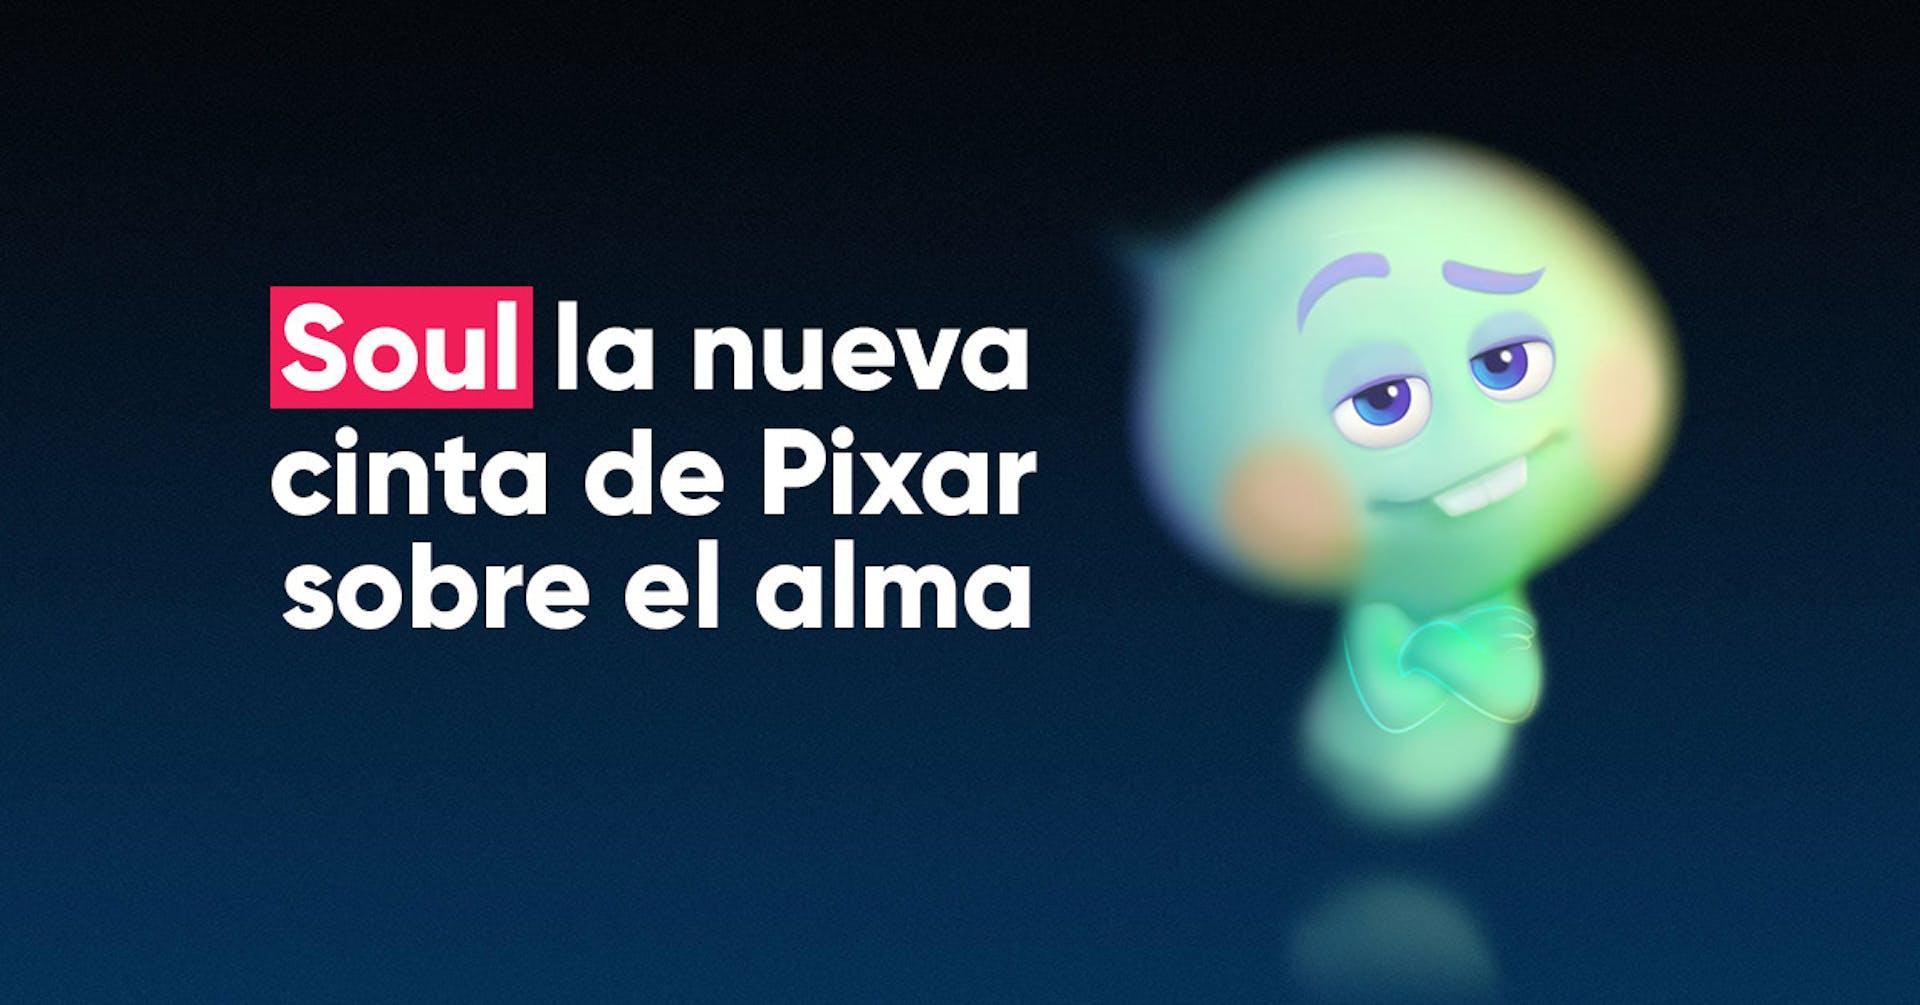 Soul: la nueva cinta de Pixar que te pregunta cómo quieres ser recordado.